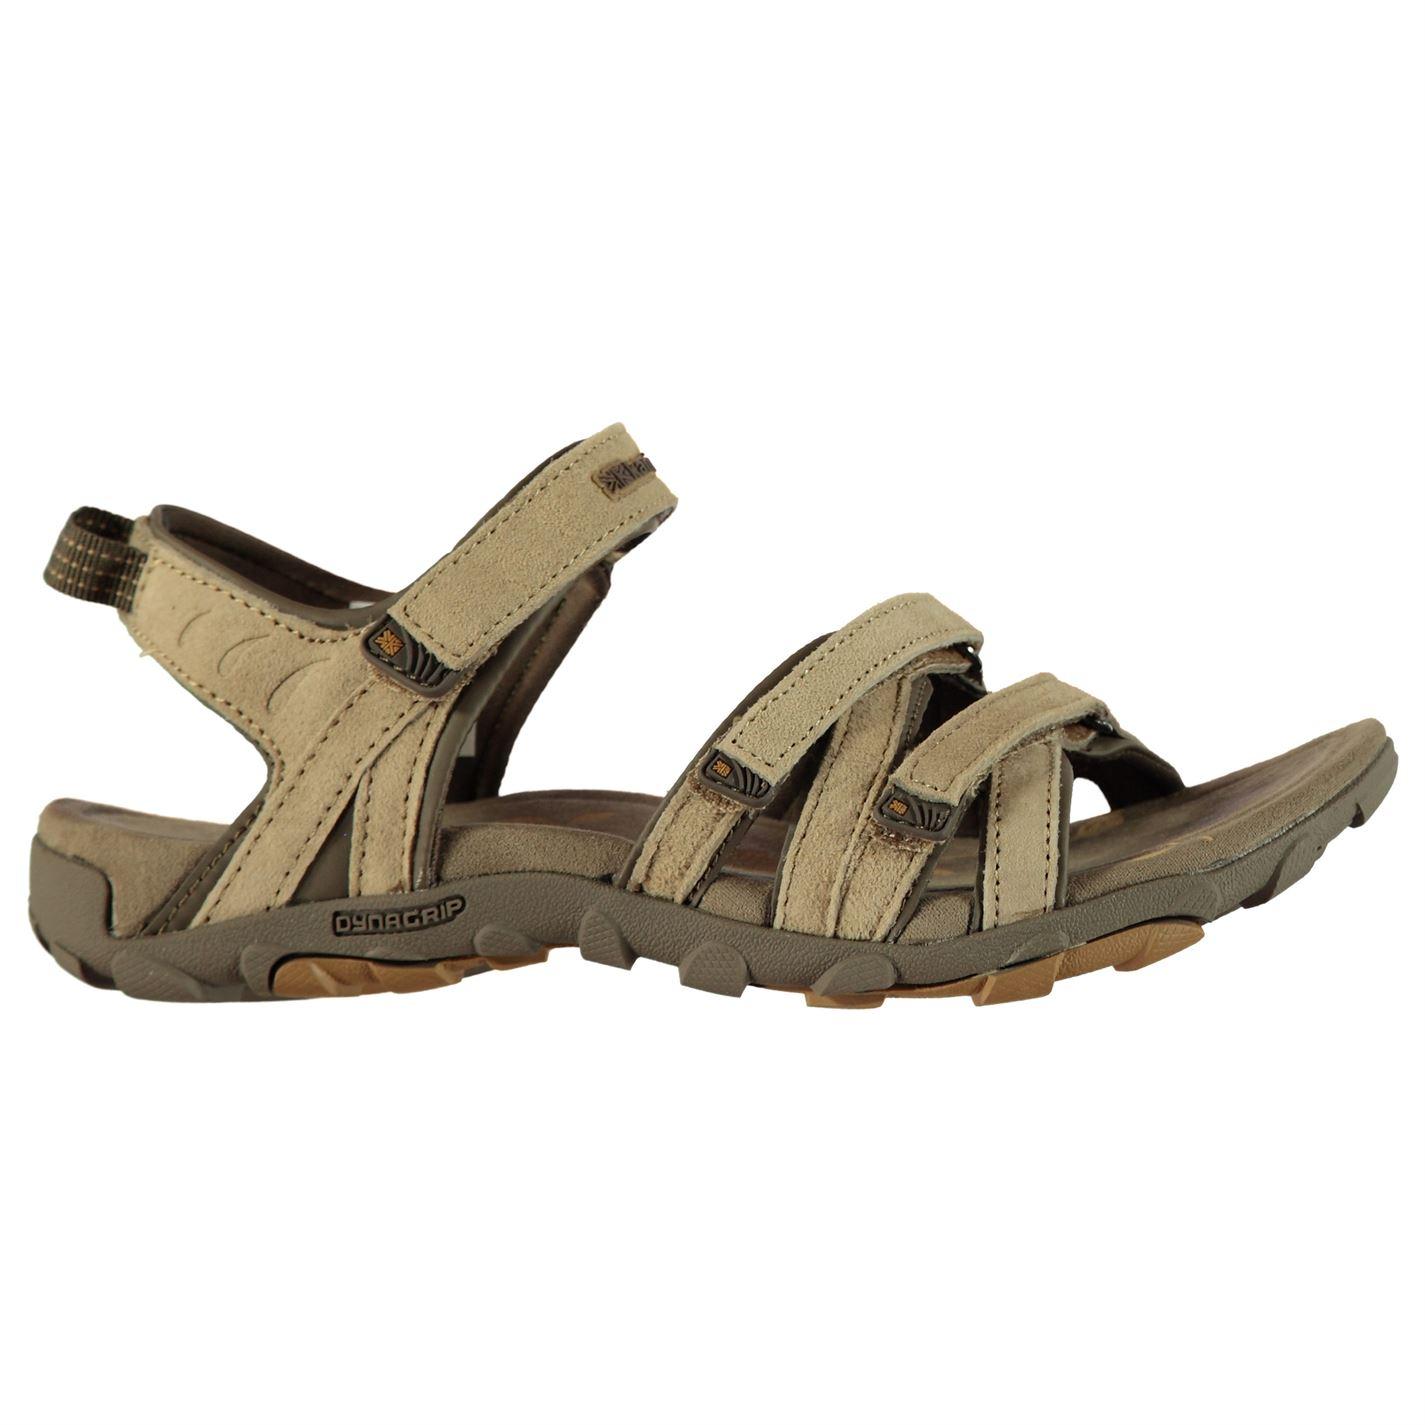 Karrimor Tuvalu dámske kožené sandále